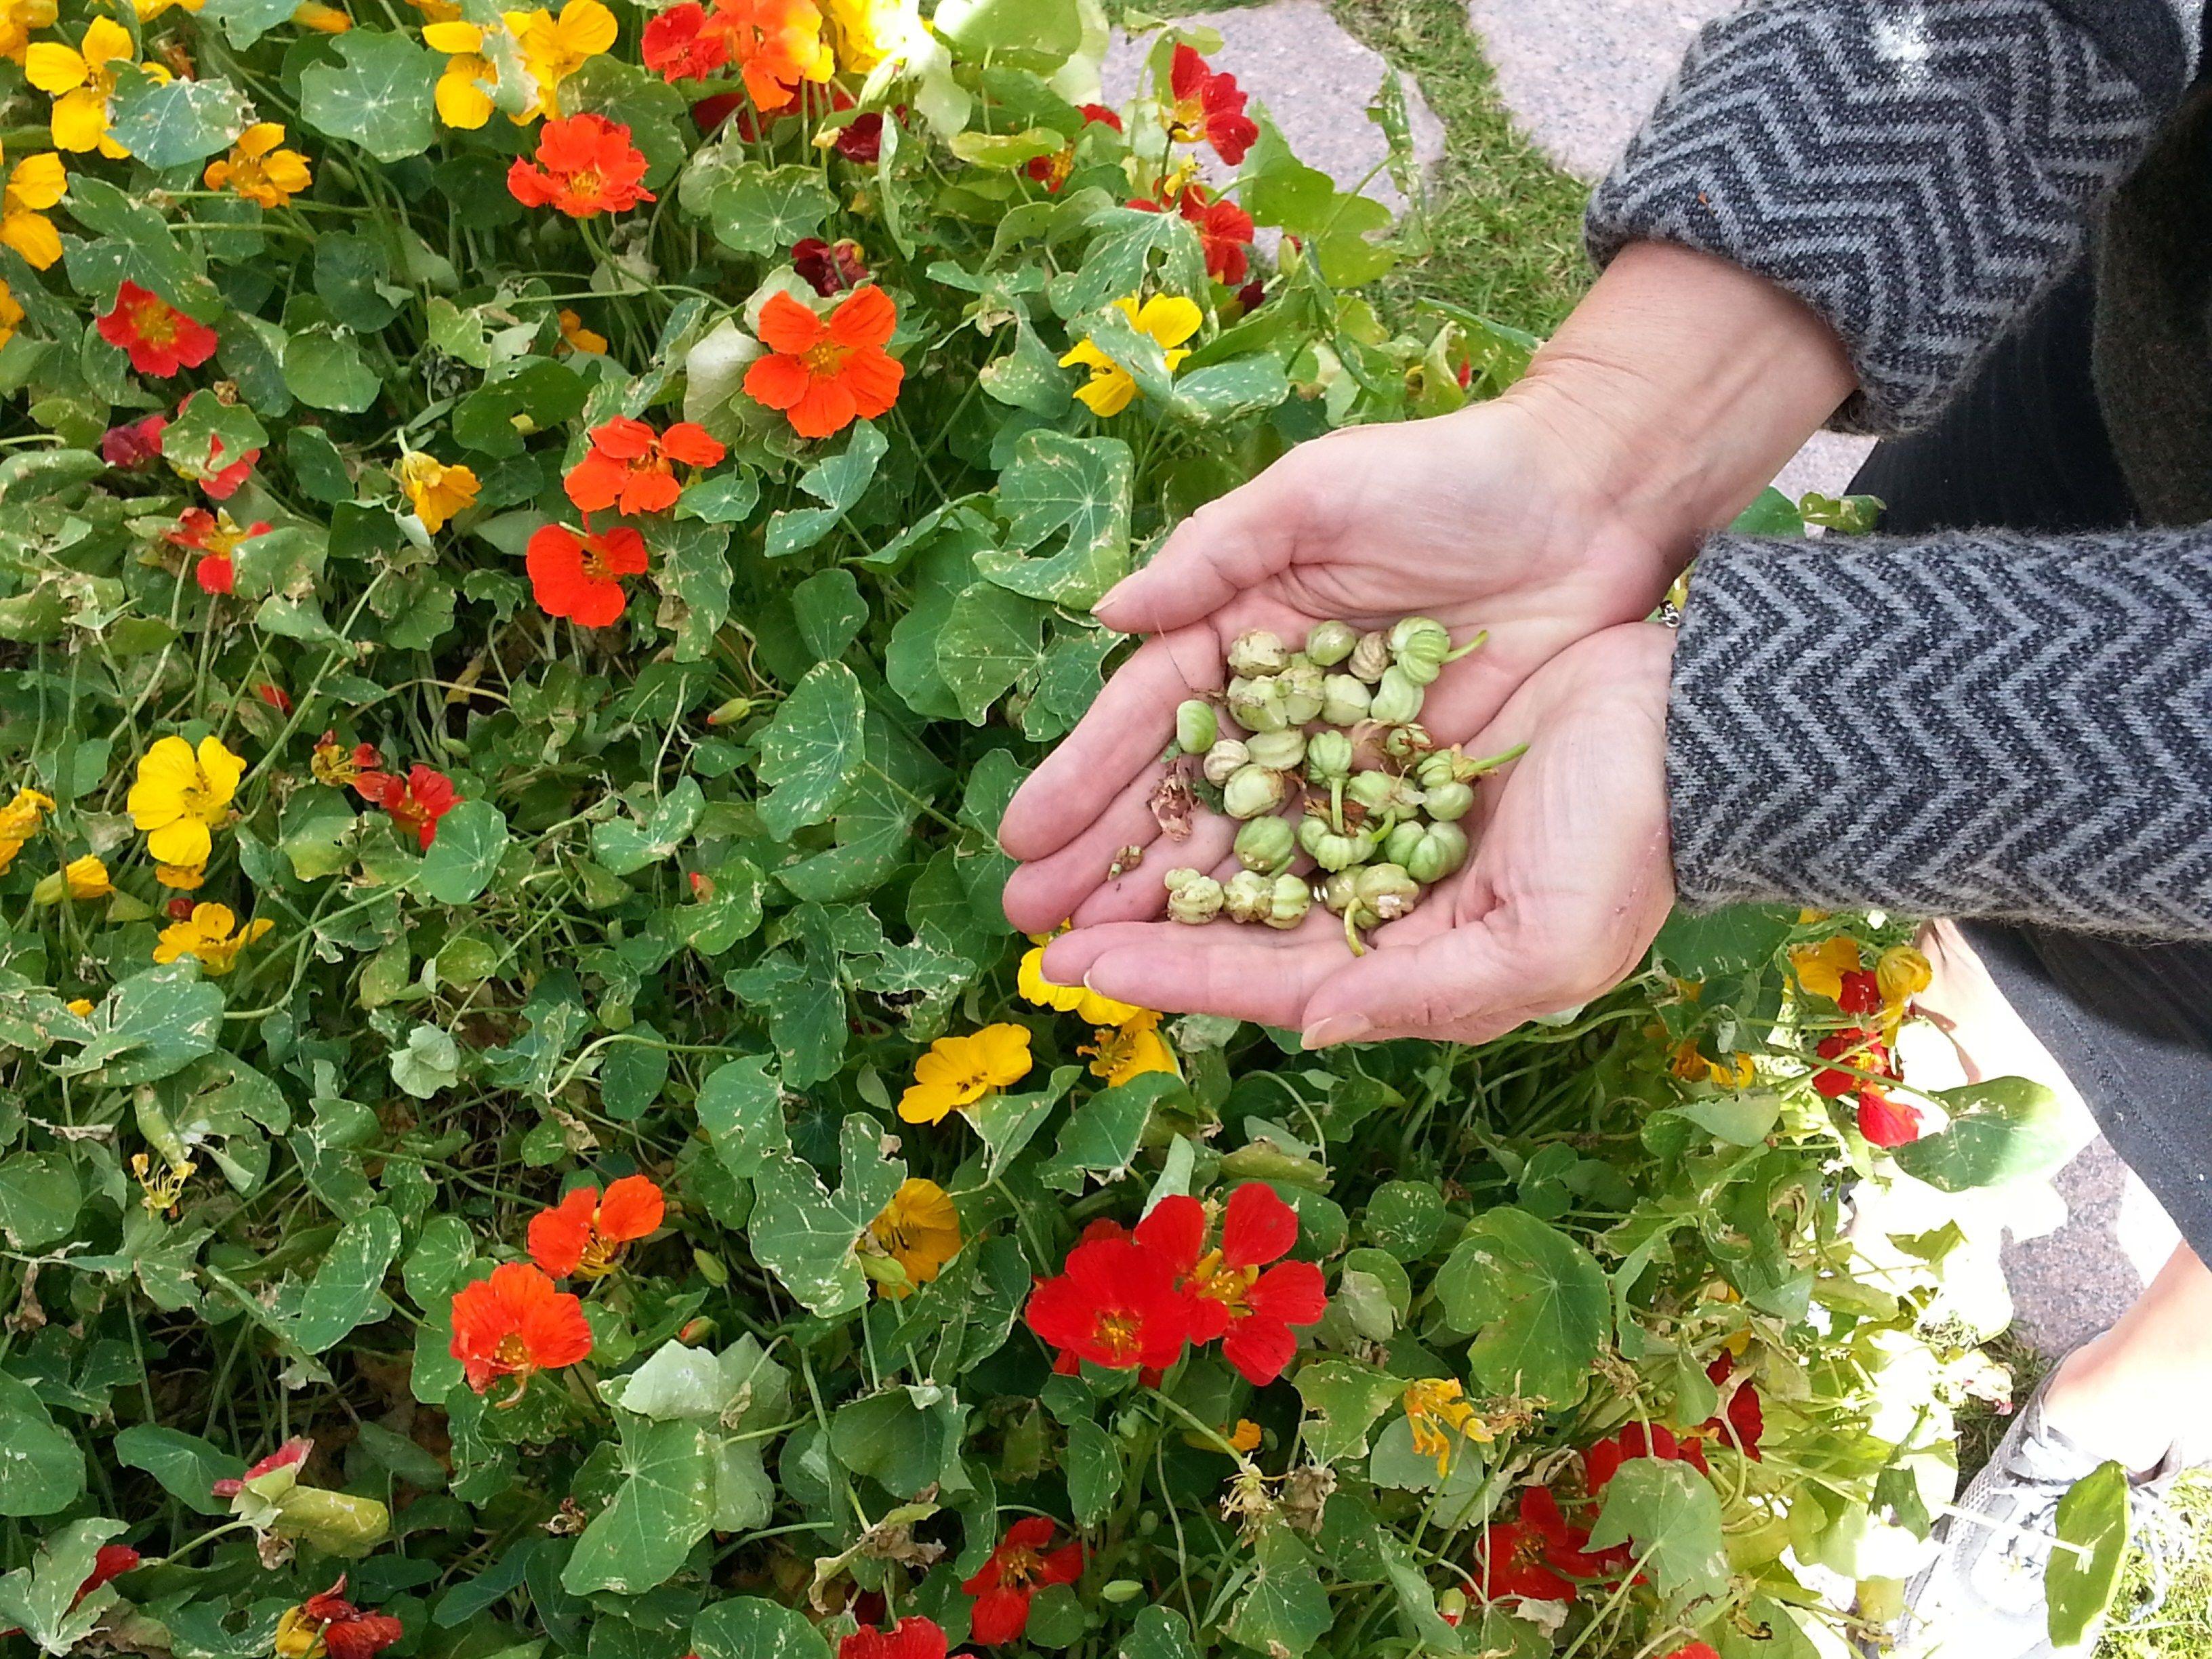 Buy culinary herbs plants nasturtium plants - Plants Nasturtiums